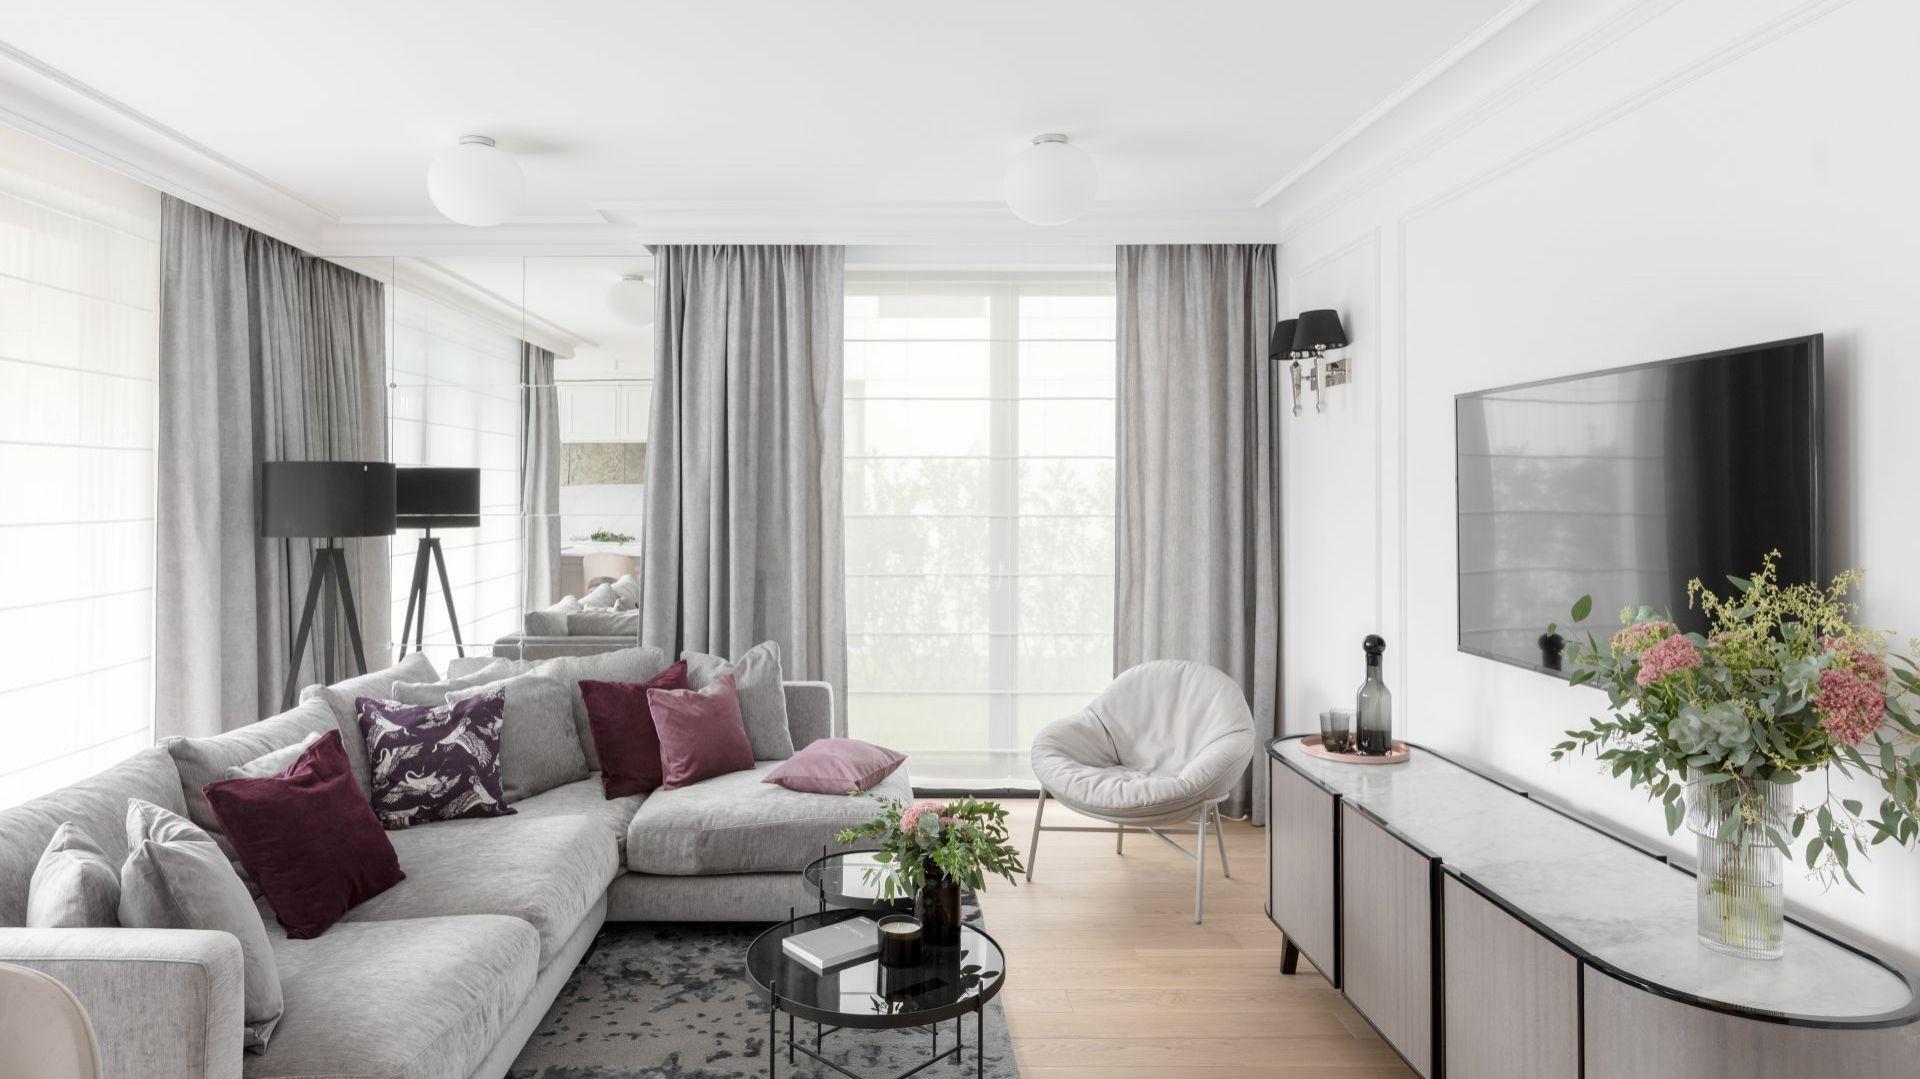 Zasłona to najbardziej klasyczna i elegancka dekoracja okna. Projekt JT Grupa. Fot. ayuko studio